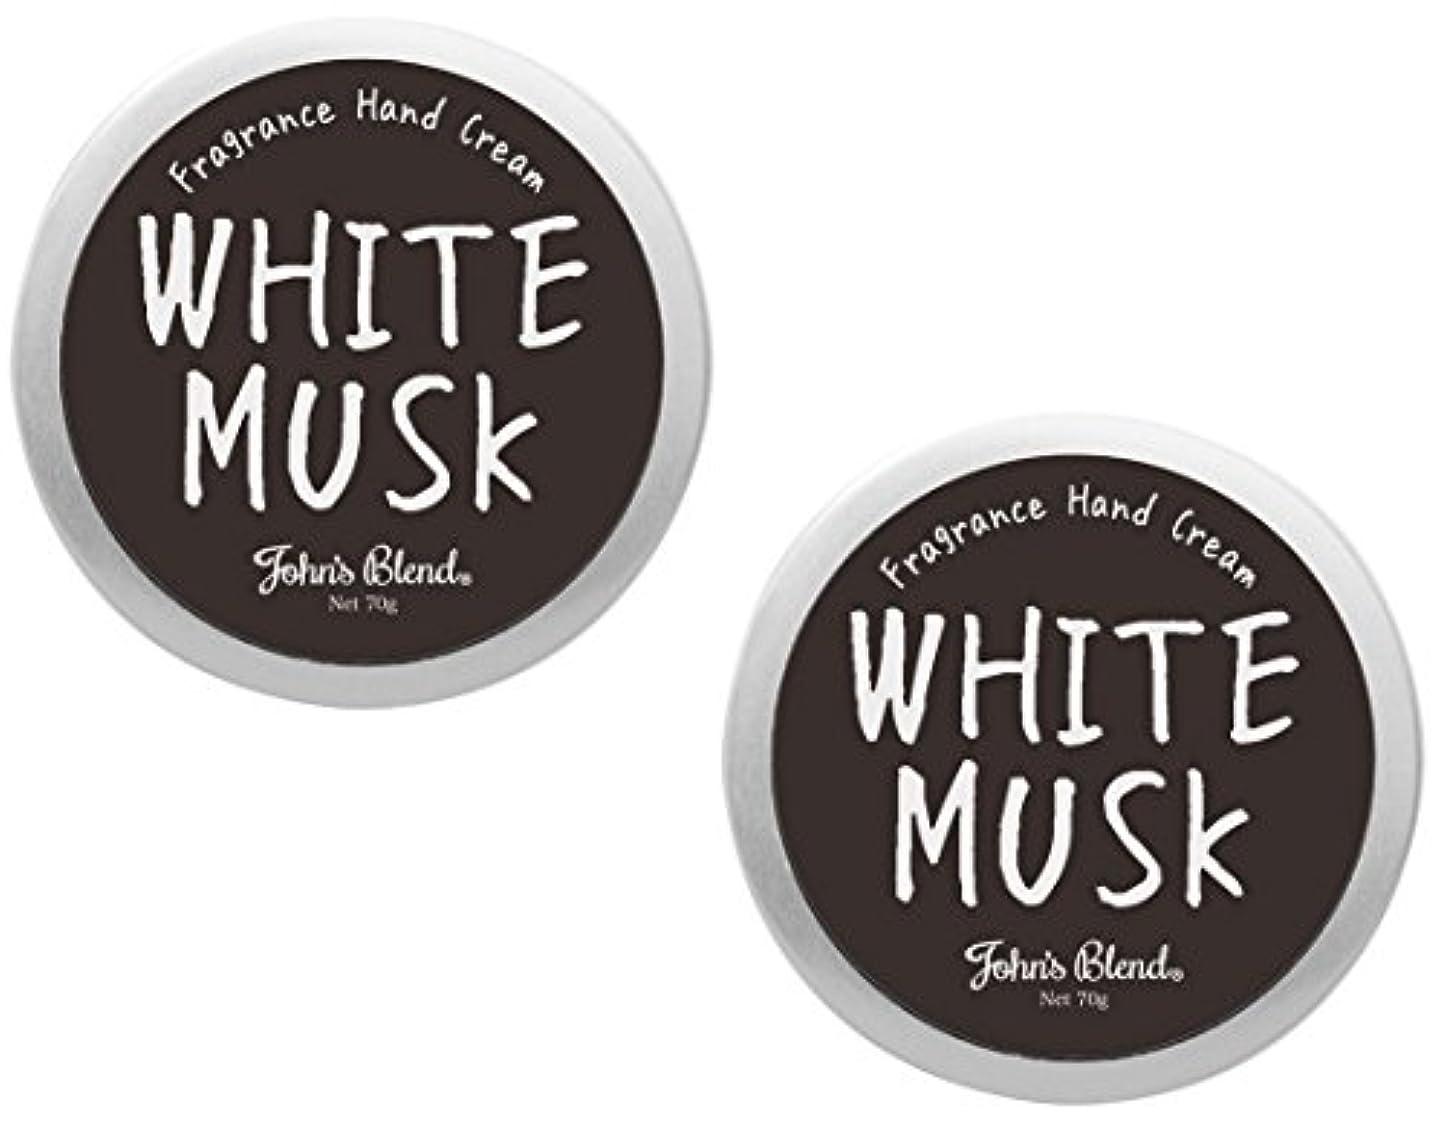 あえぎクラウド記念品【2個セット】Johns Blend ハンドクリーム 70g ホワイトムスク の香り OZ-JOD-1-1